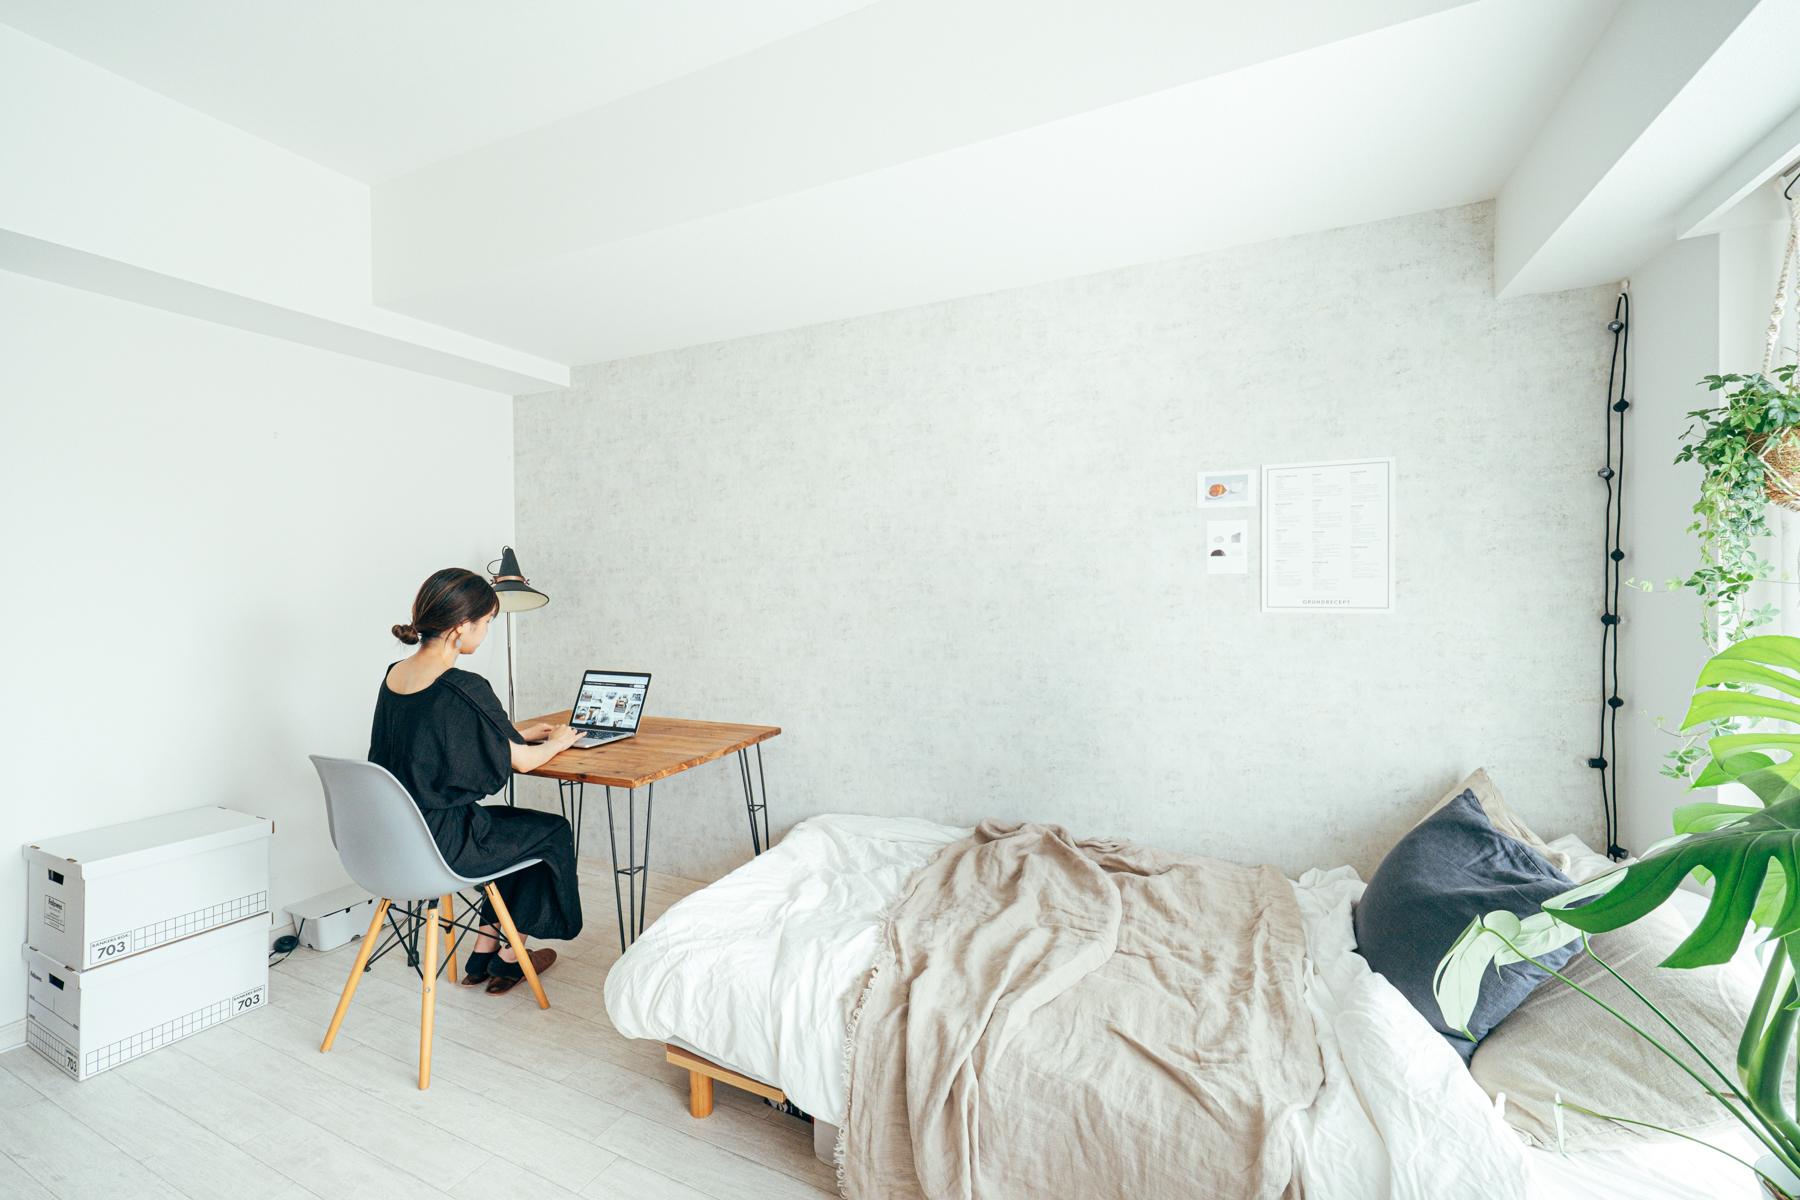 同じ壁紙でも、色味ではなく質感を変える、というアイディアも。こちらのお部屋はシンプルな白をベースとしていますが、テクスチャーが入っていて、違った印象に見えますね。(このお部屋はこちら)